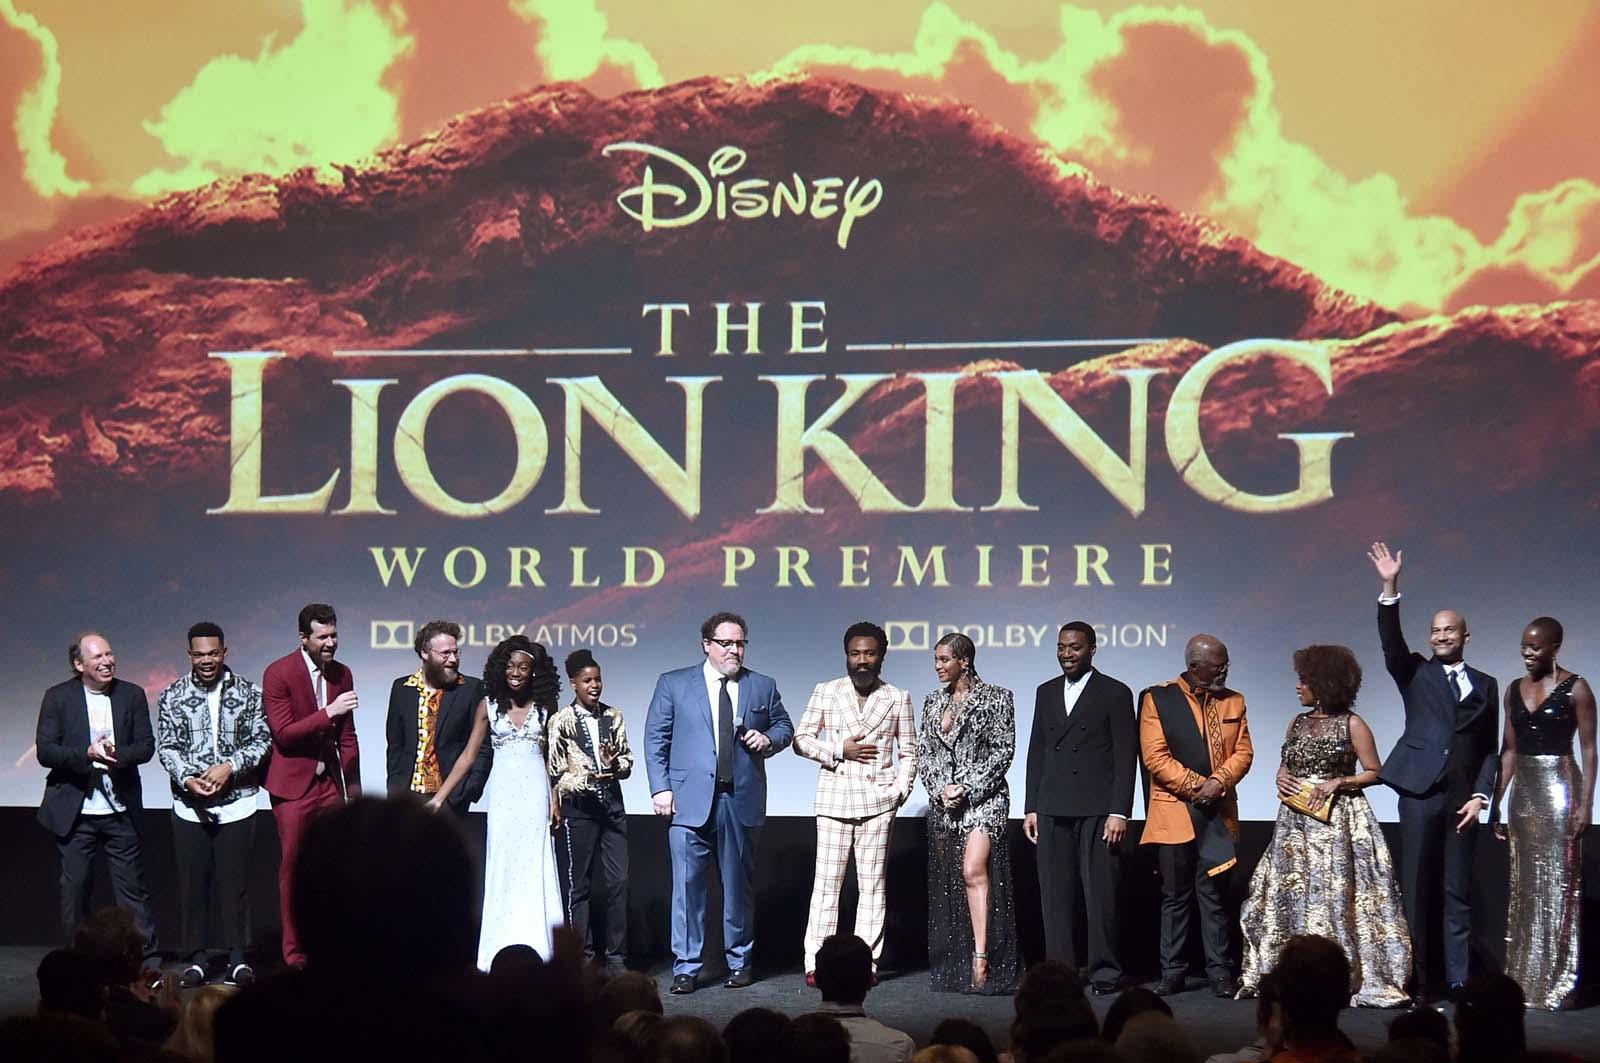 超実写版『ライオン・キング』 ワールドプレミア の模様